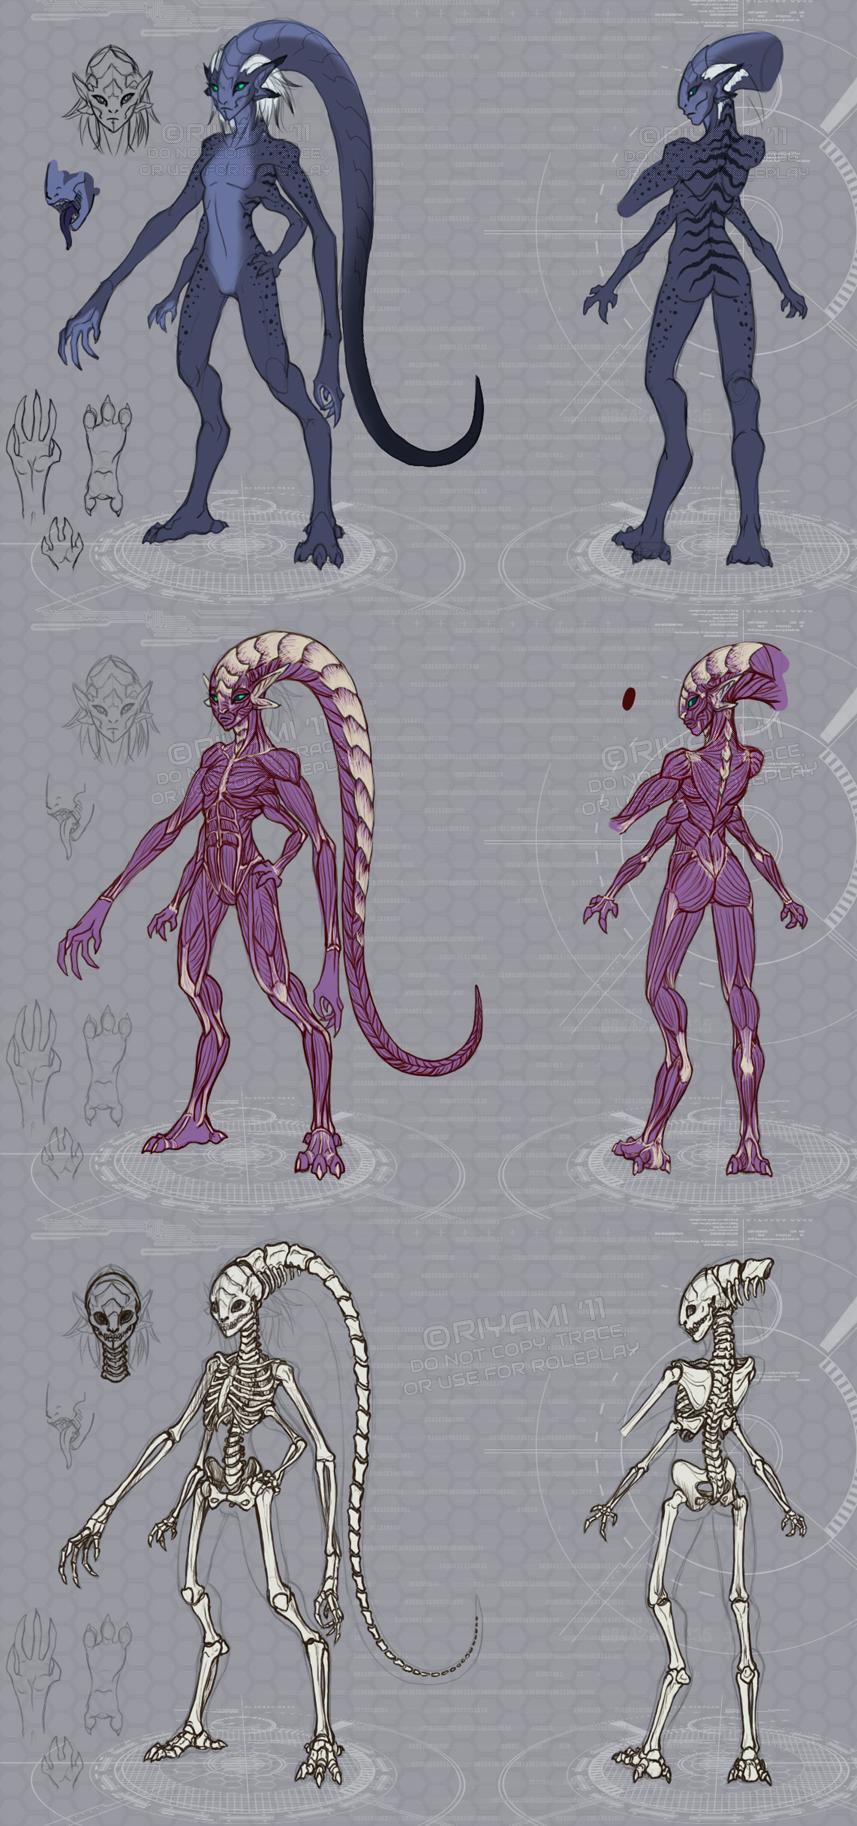 Veera anatomy study by Riyami